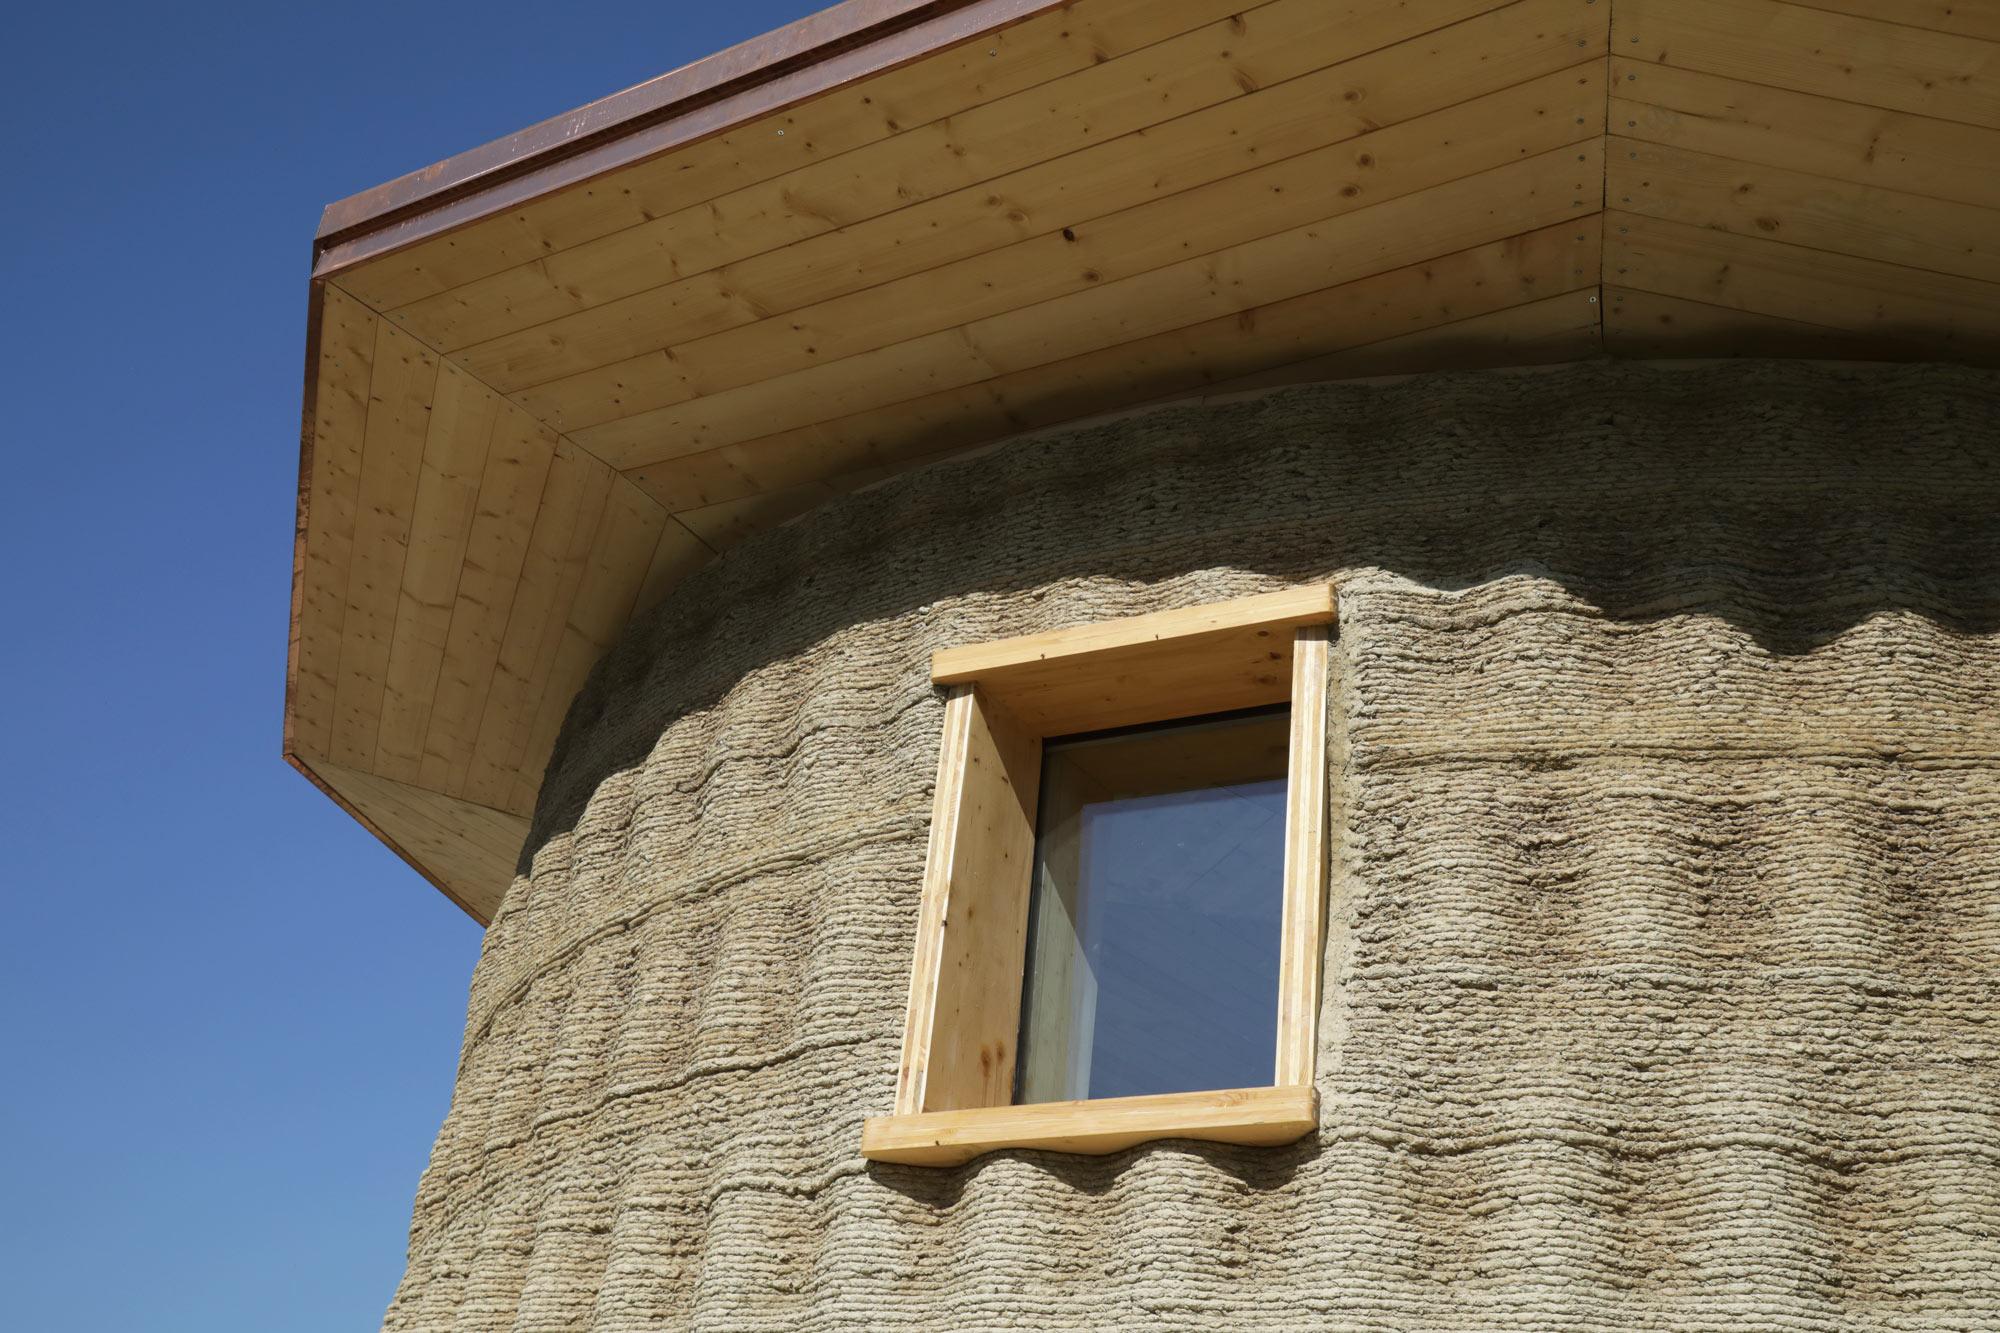 Dettaglio della parete monolitica stampata in 3D con materiali di scarto e a km0: terra cruda, paglia, lolla di riso e calce